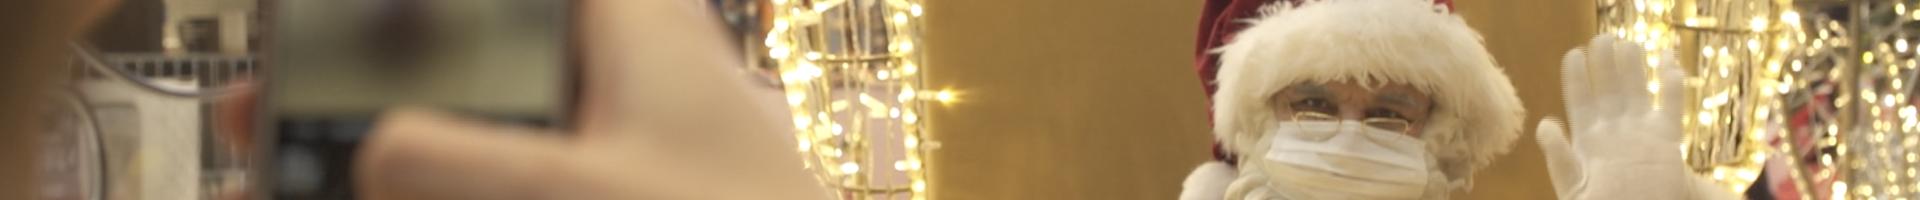 Noël : un centre commercial à l'attaque